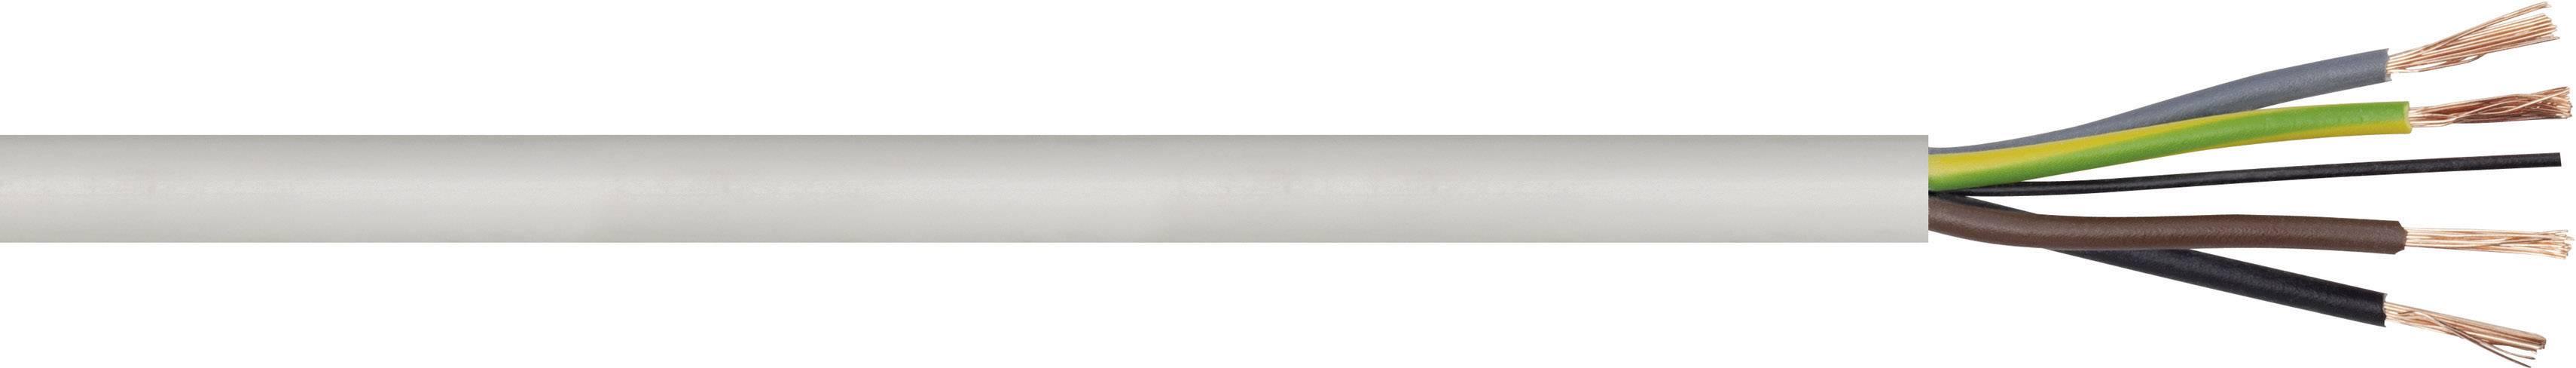 Vícežílový kabel LAPP H03VV-F, 49900069, 4 x 0.75 mm², bílá, metrové zboží